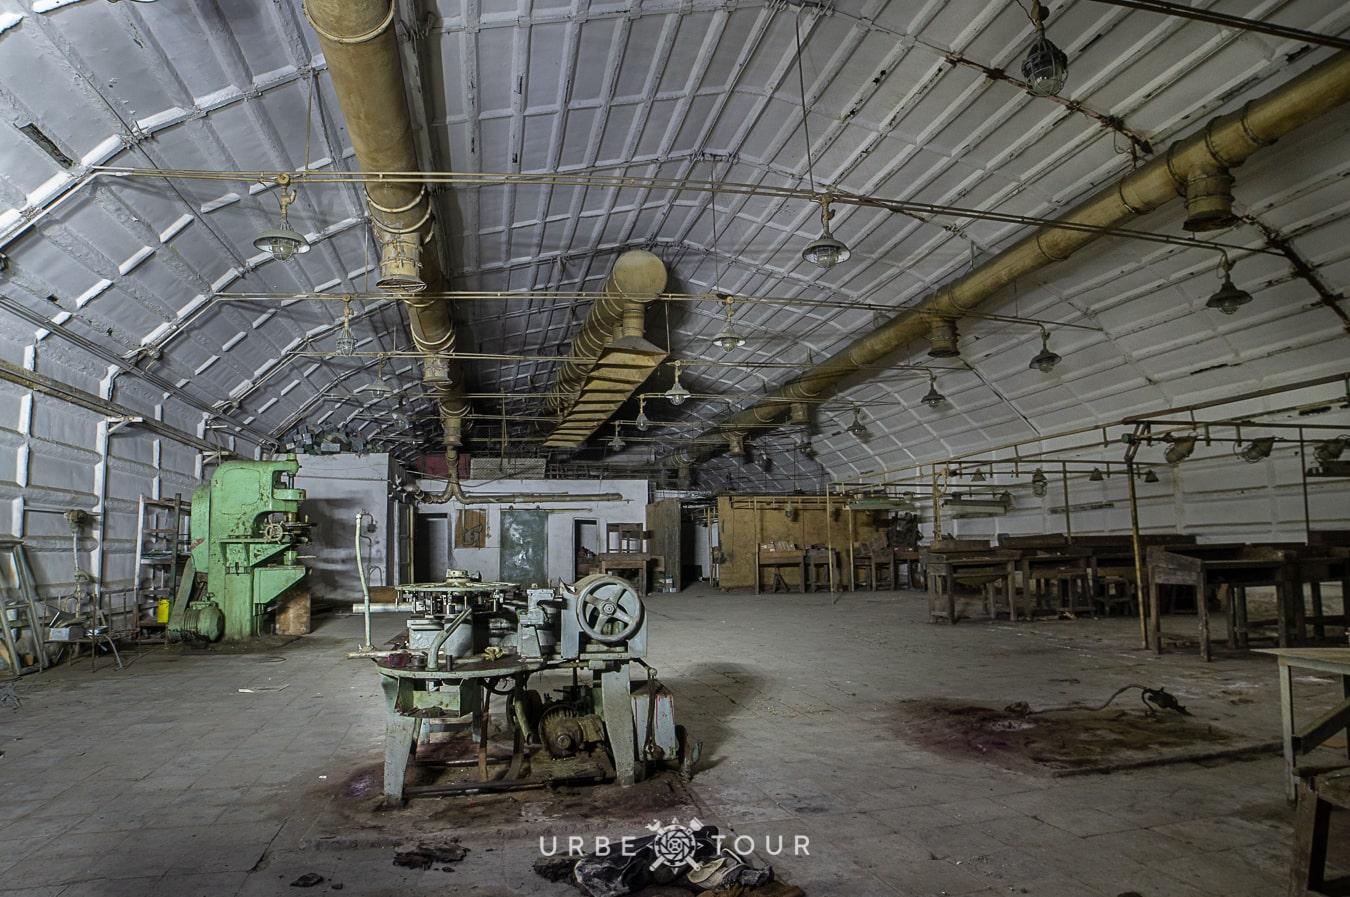 polican-communist-wearpon-underground-plant-12 Поличан: секретный военный бункер-завод коммунистов в горах Албании